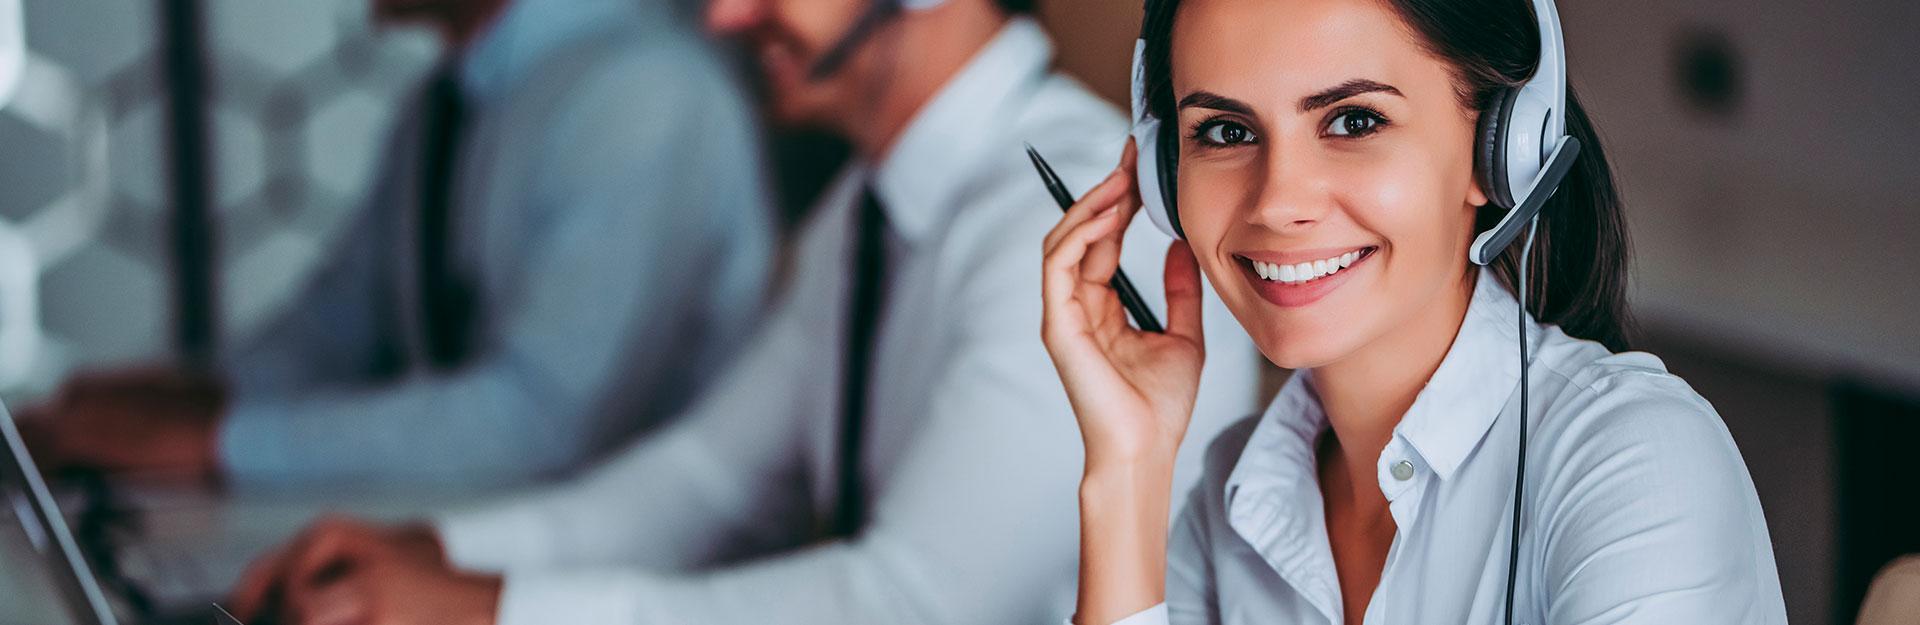 Una operadora de atención al cliente sonríe ante la cámara.